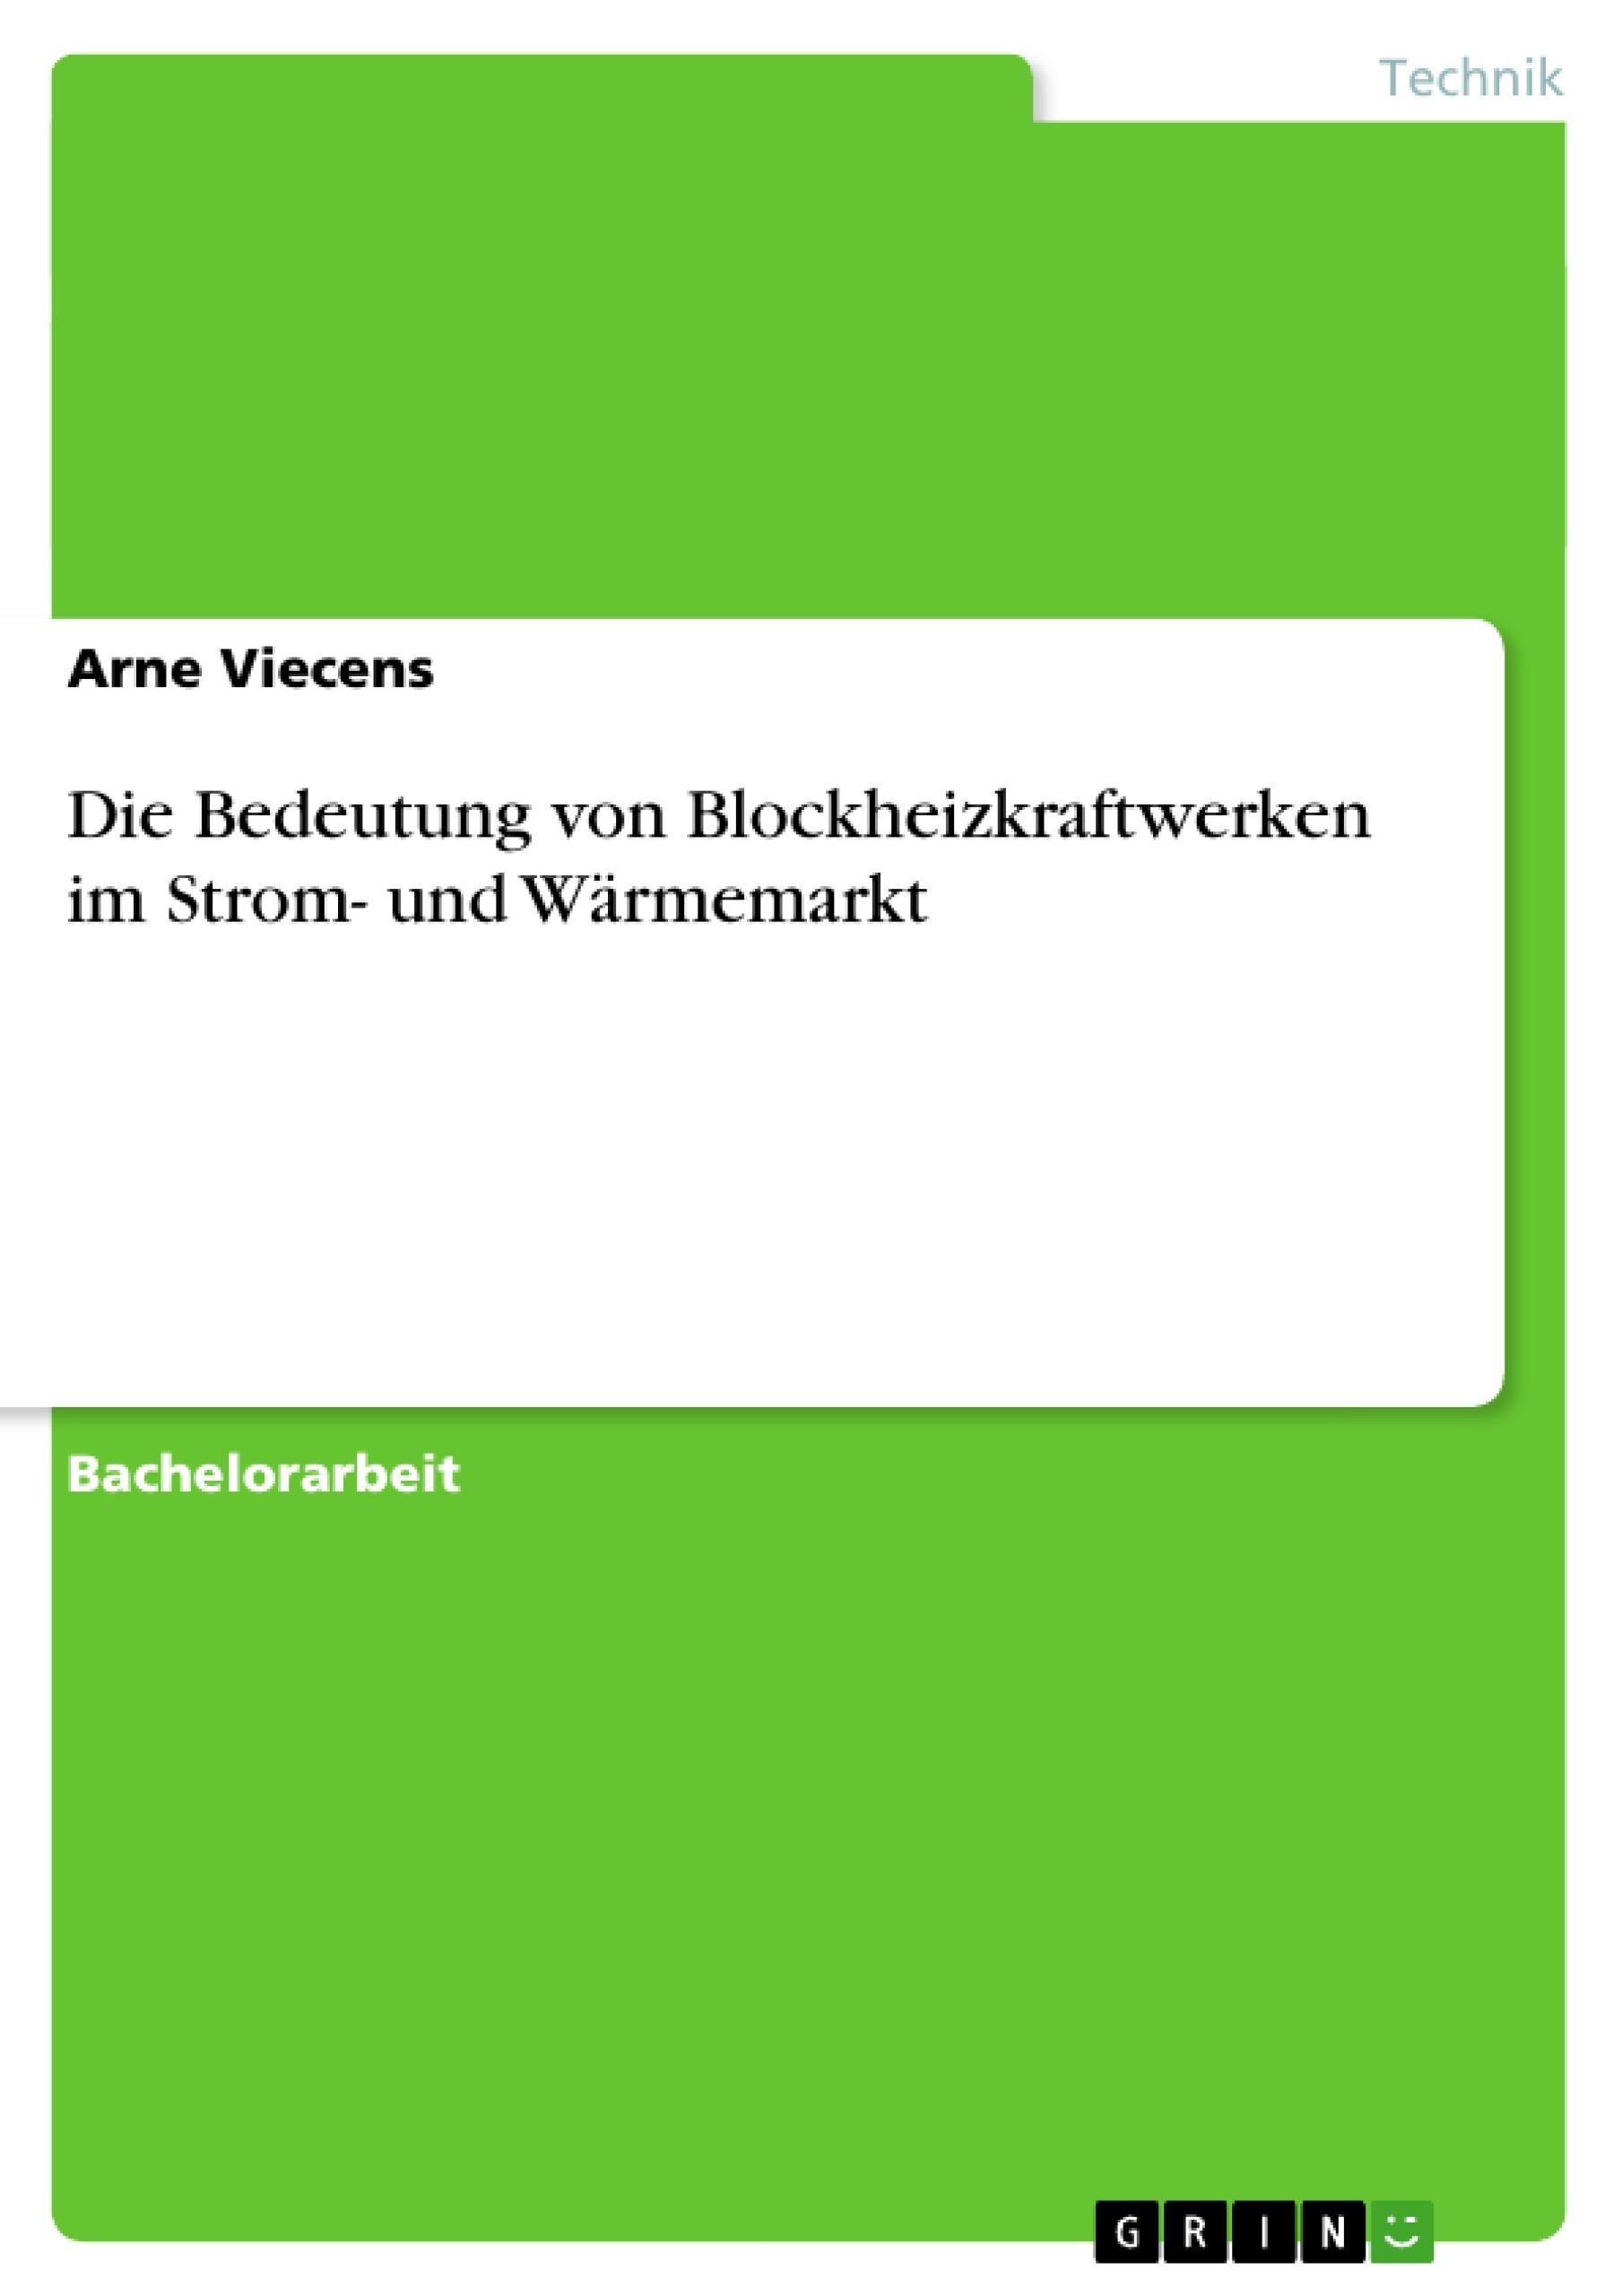 Titel: Die Bedeutung von Blockheizkraftwerken im Strom- und Wärmemarkt